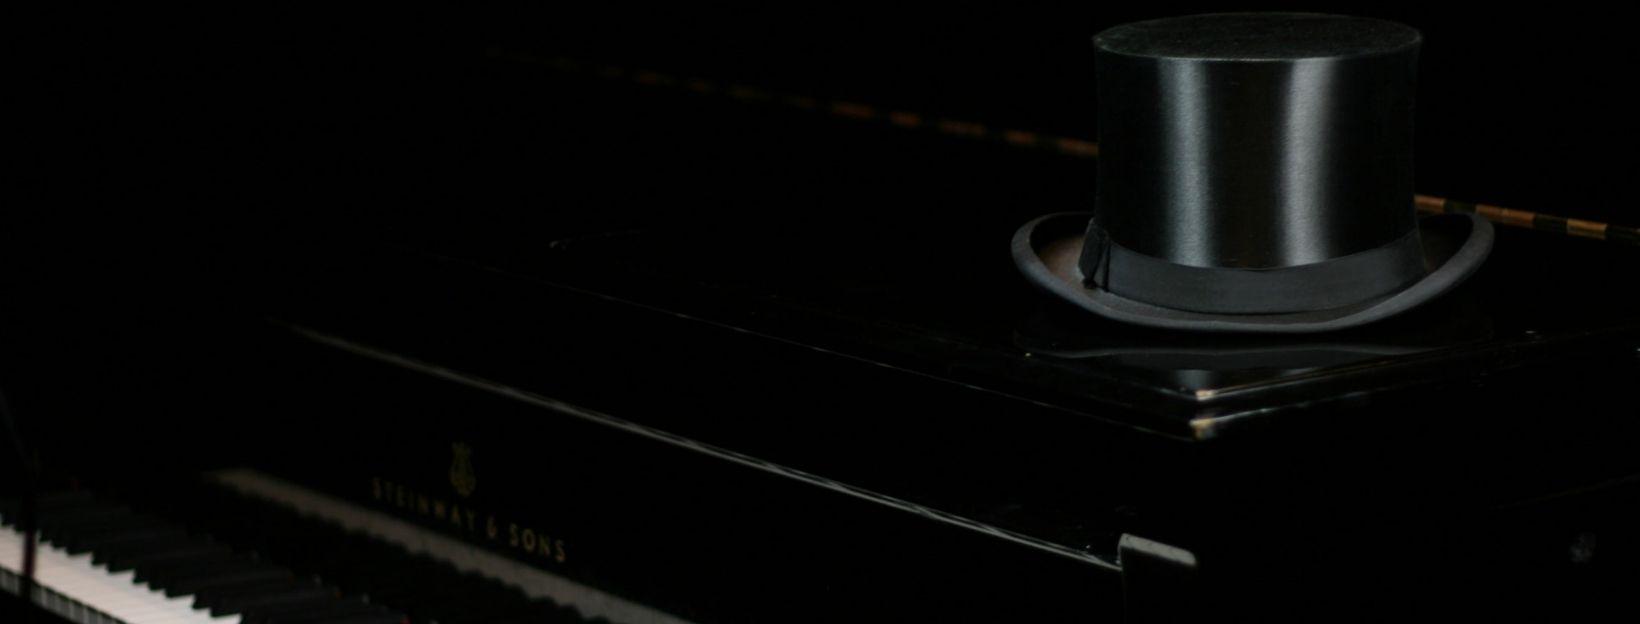 Header Piano Zylinder